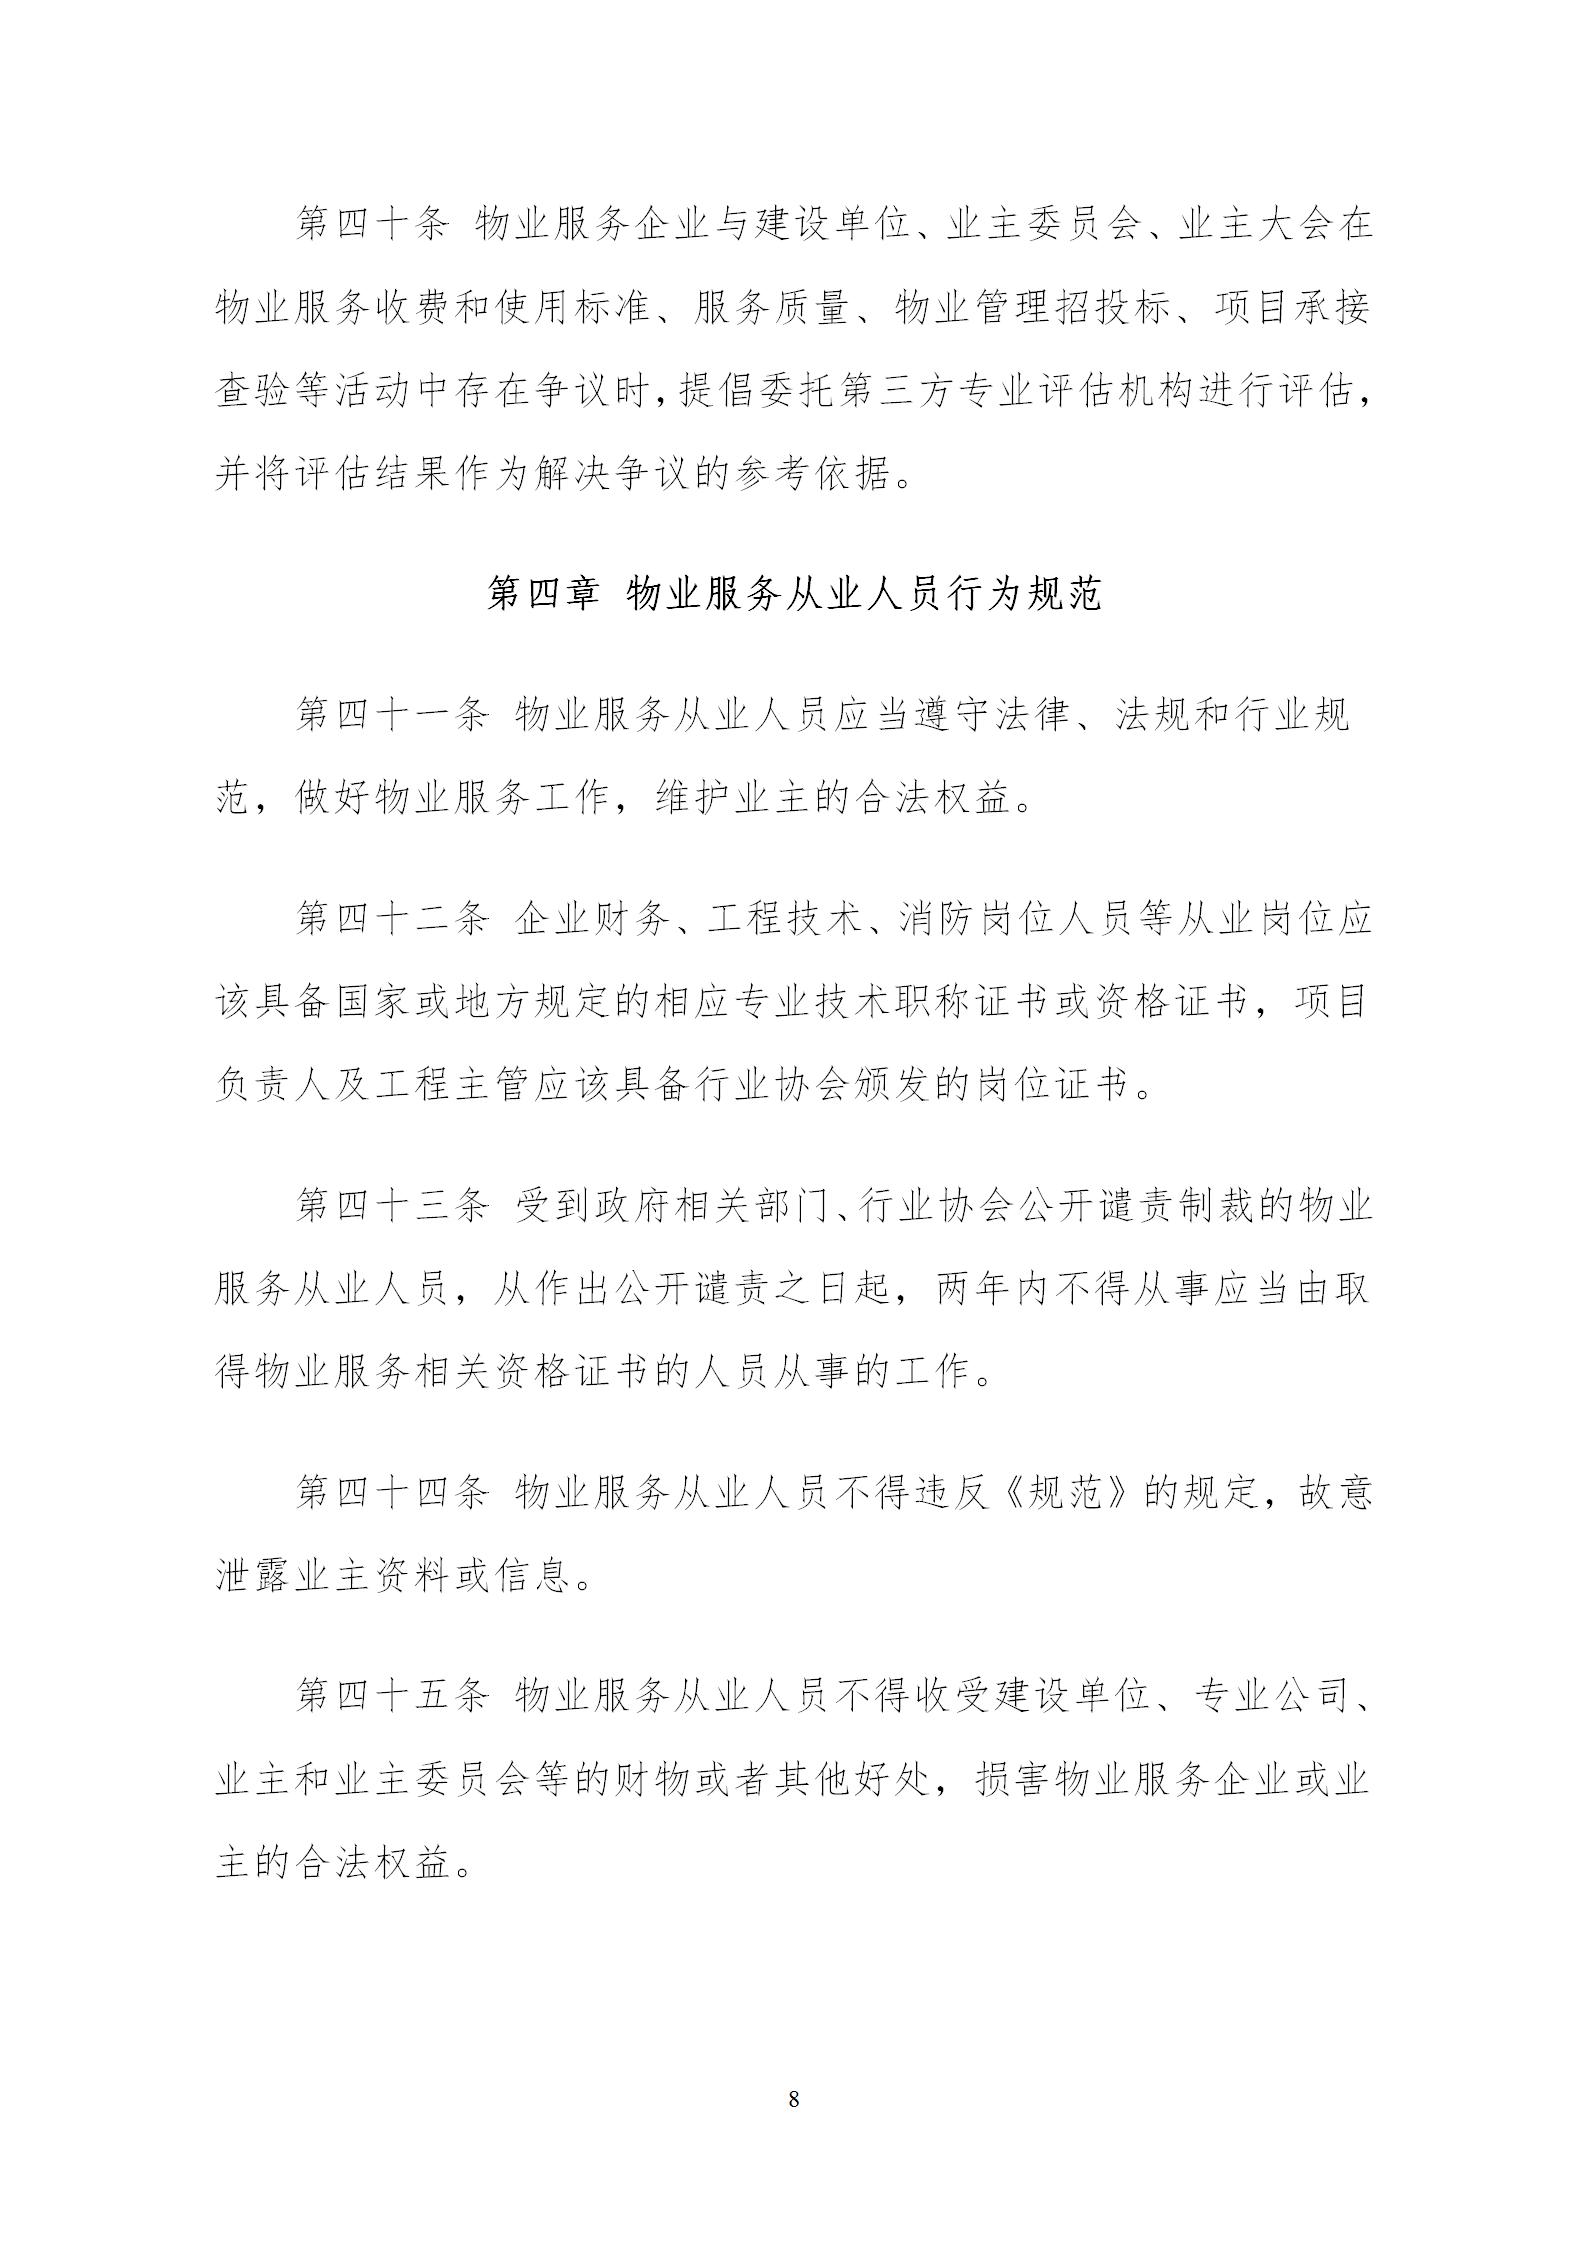 洪物协字[2020]20号关于贯彻落实《南昌市物业管理行业规范》的通知_08.png